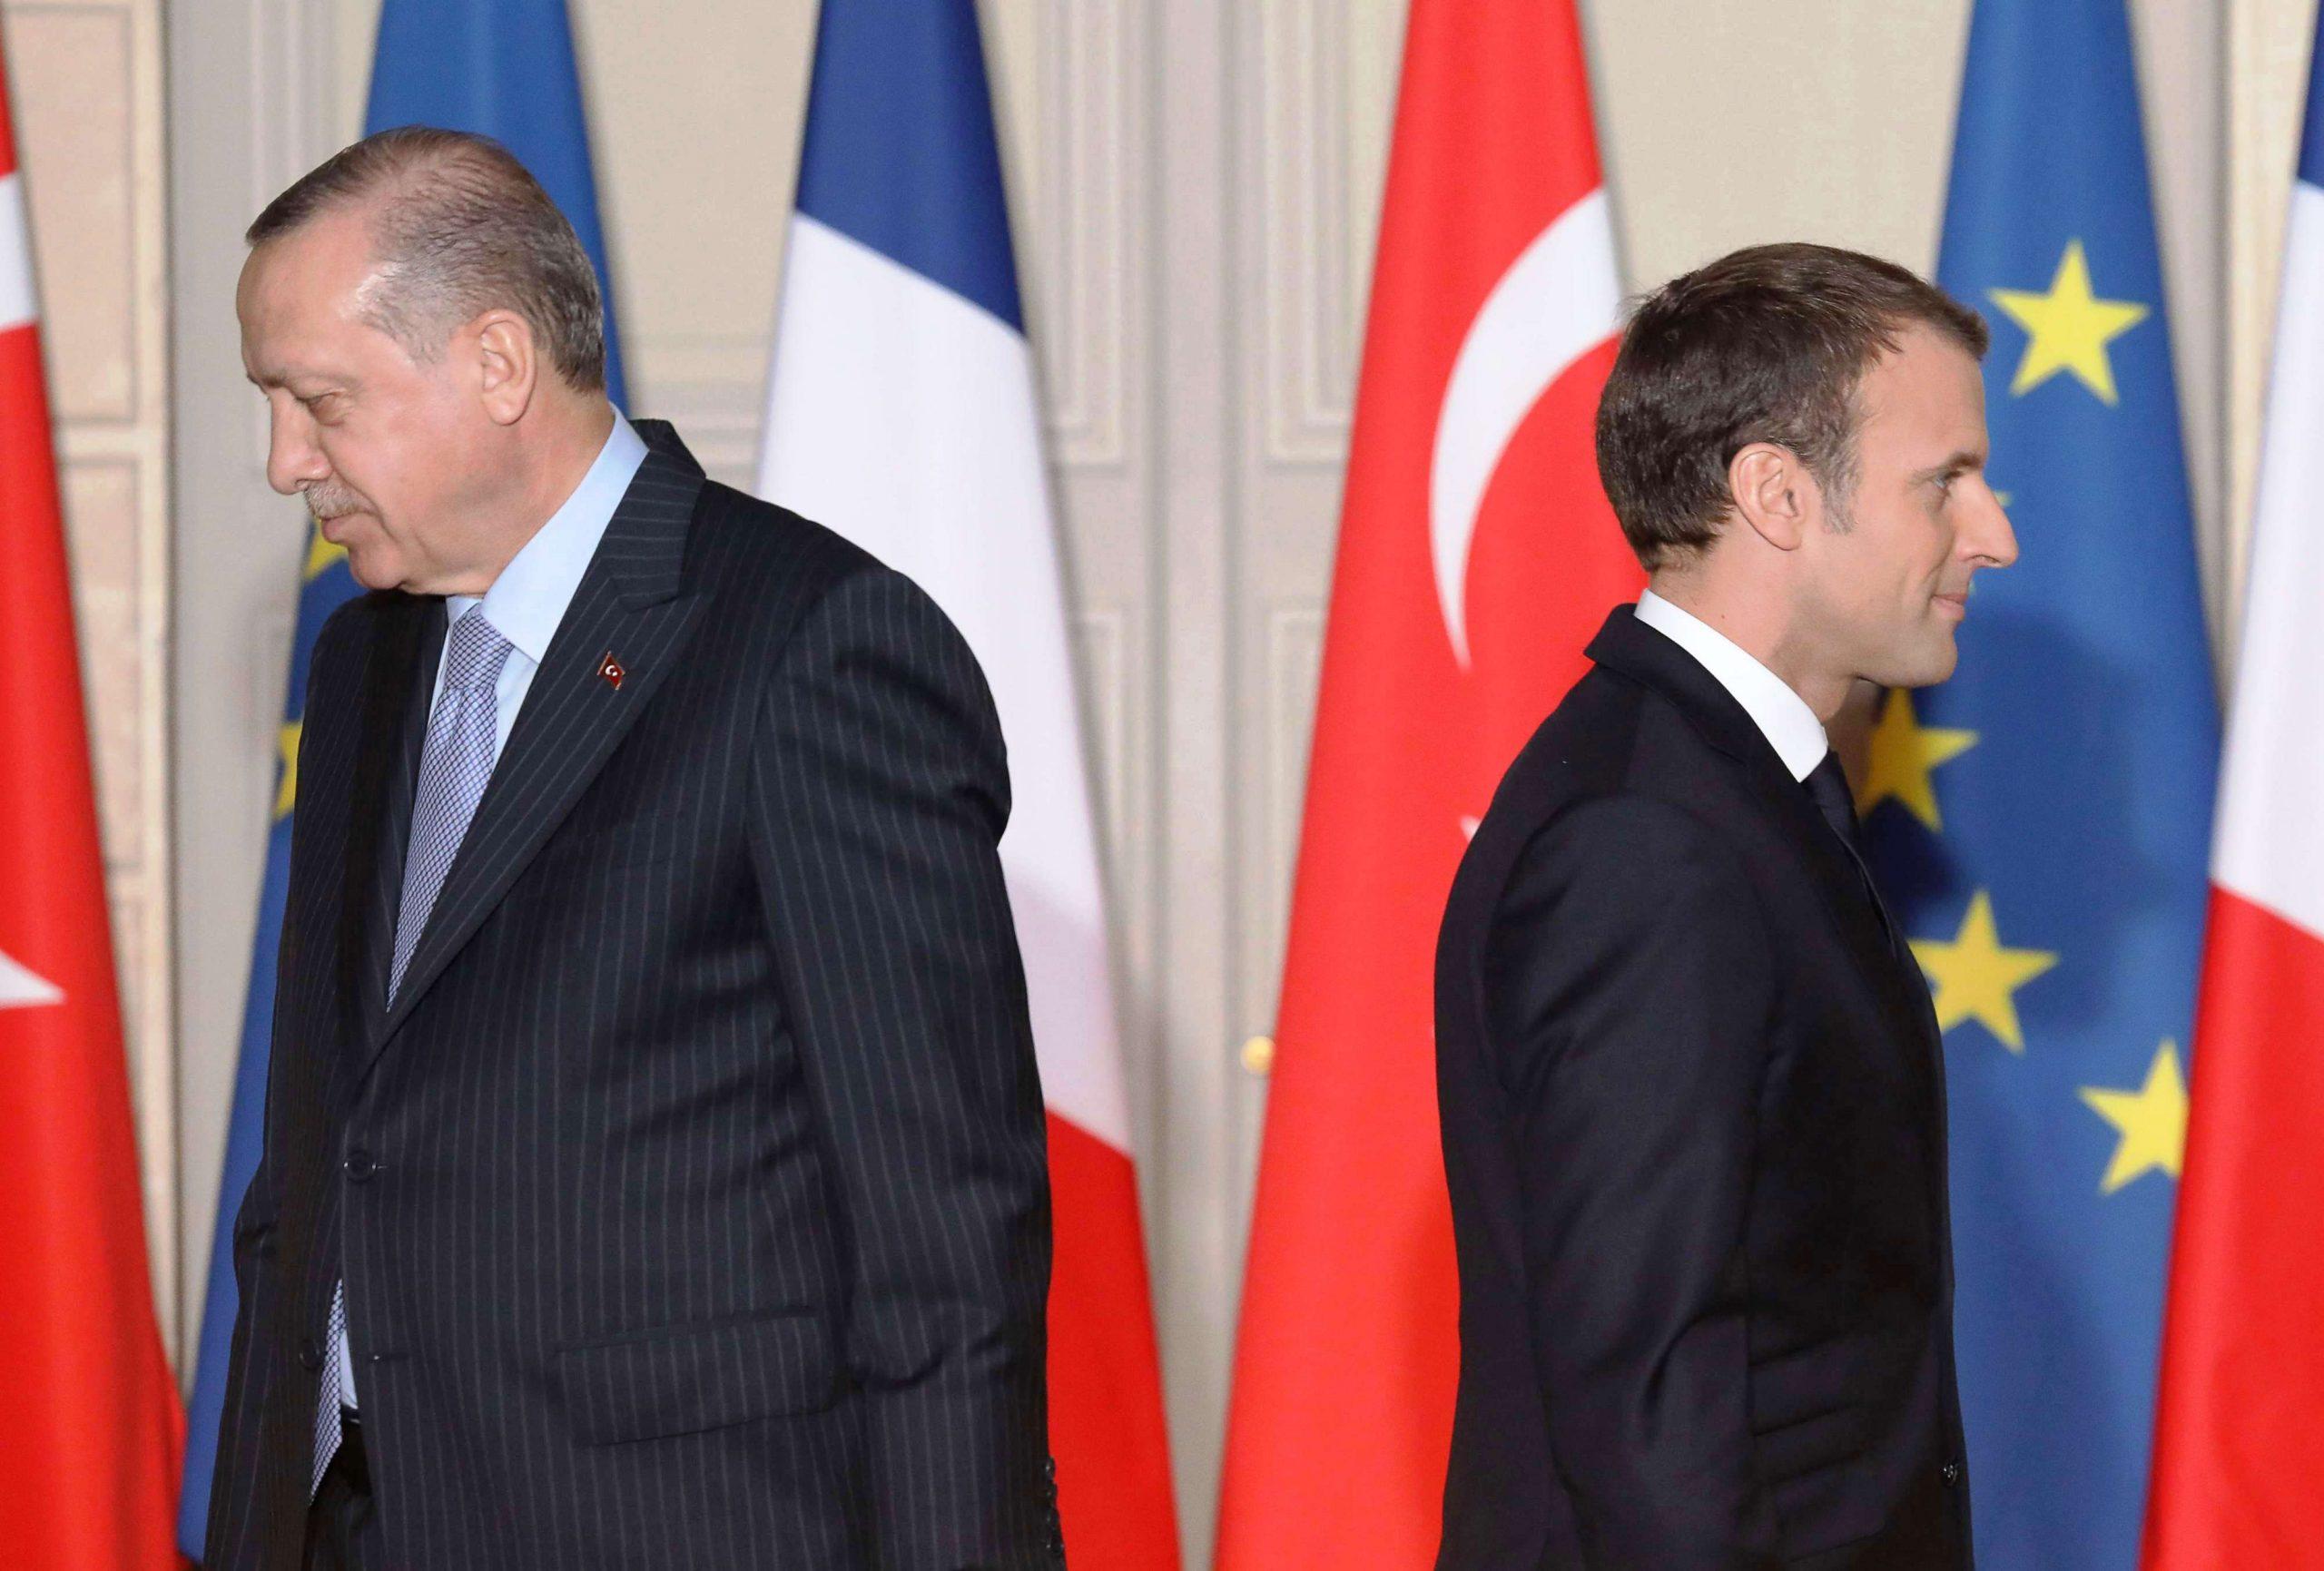 تركيا وفرنسا – سلسلة من القضايا الخلافية